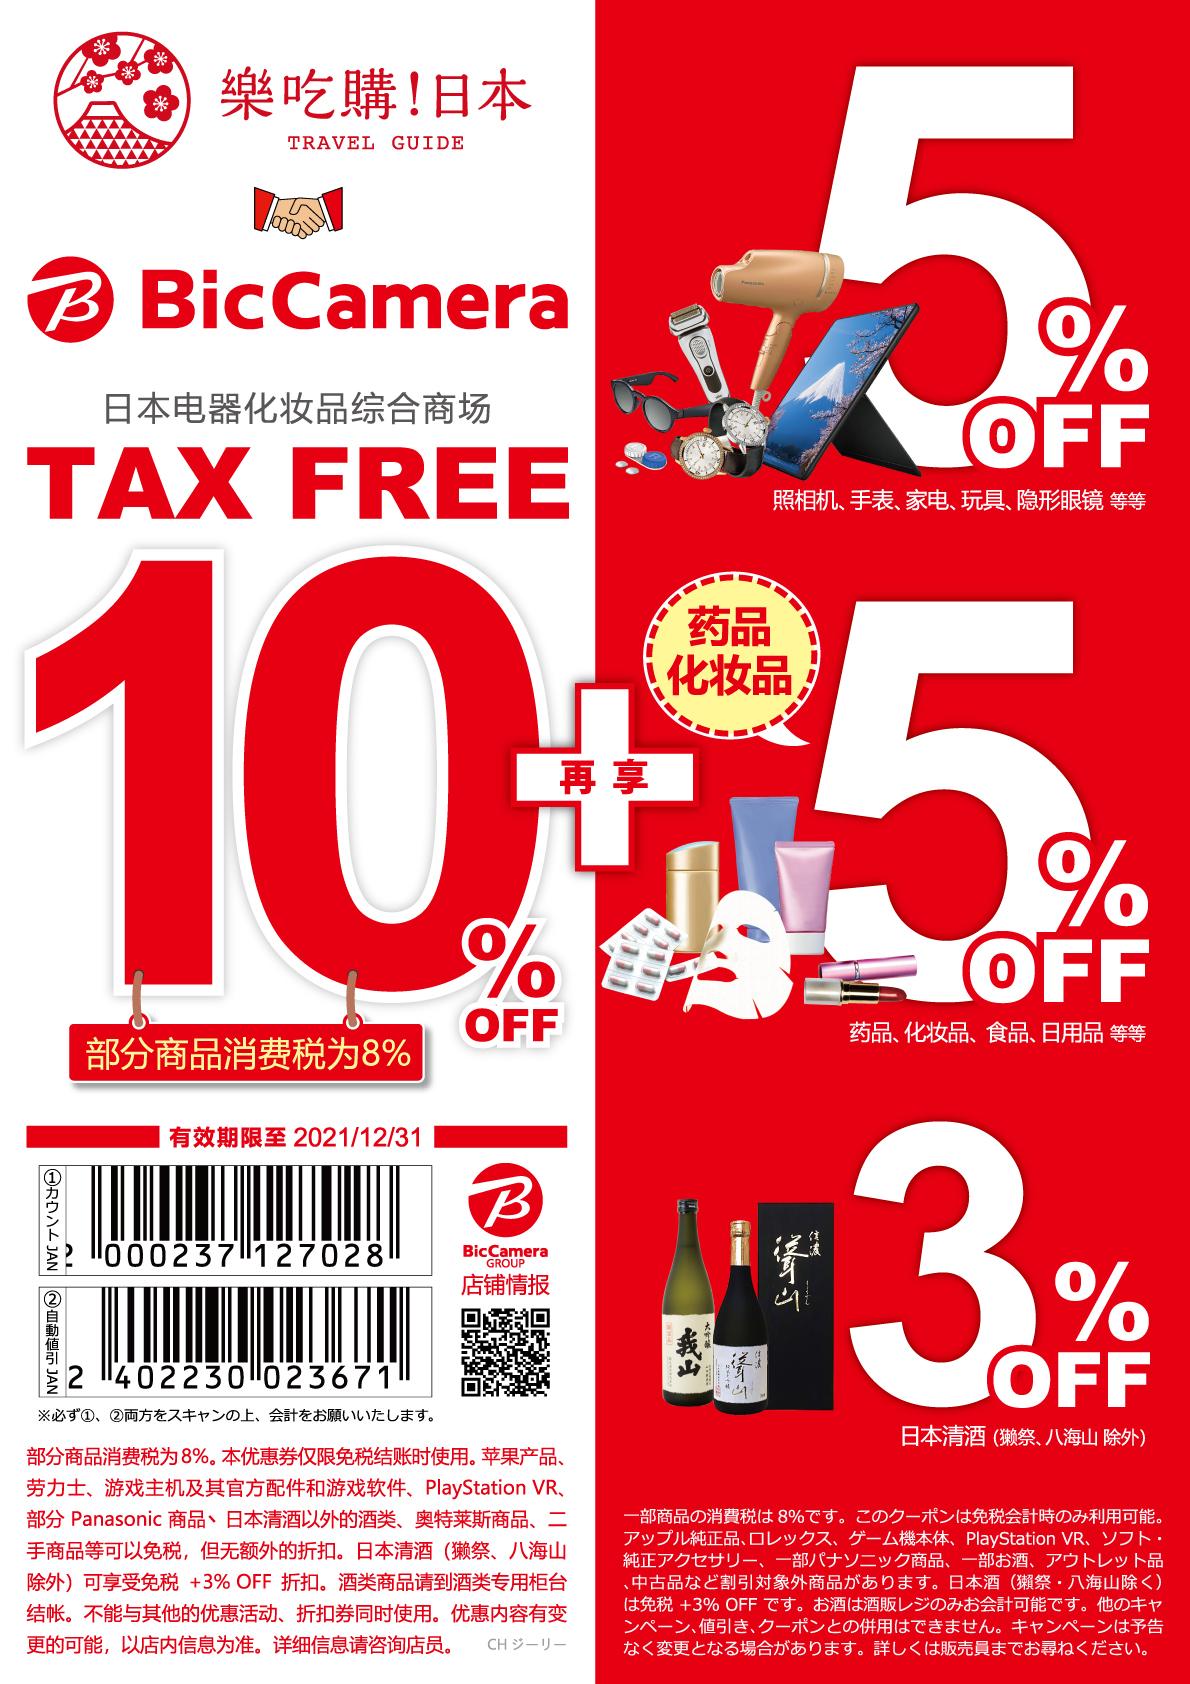 2021年BICCAMERA优惠券免税10%